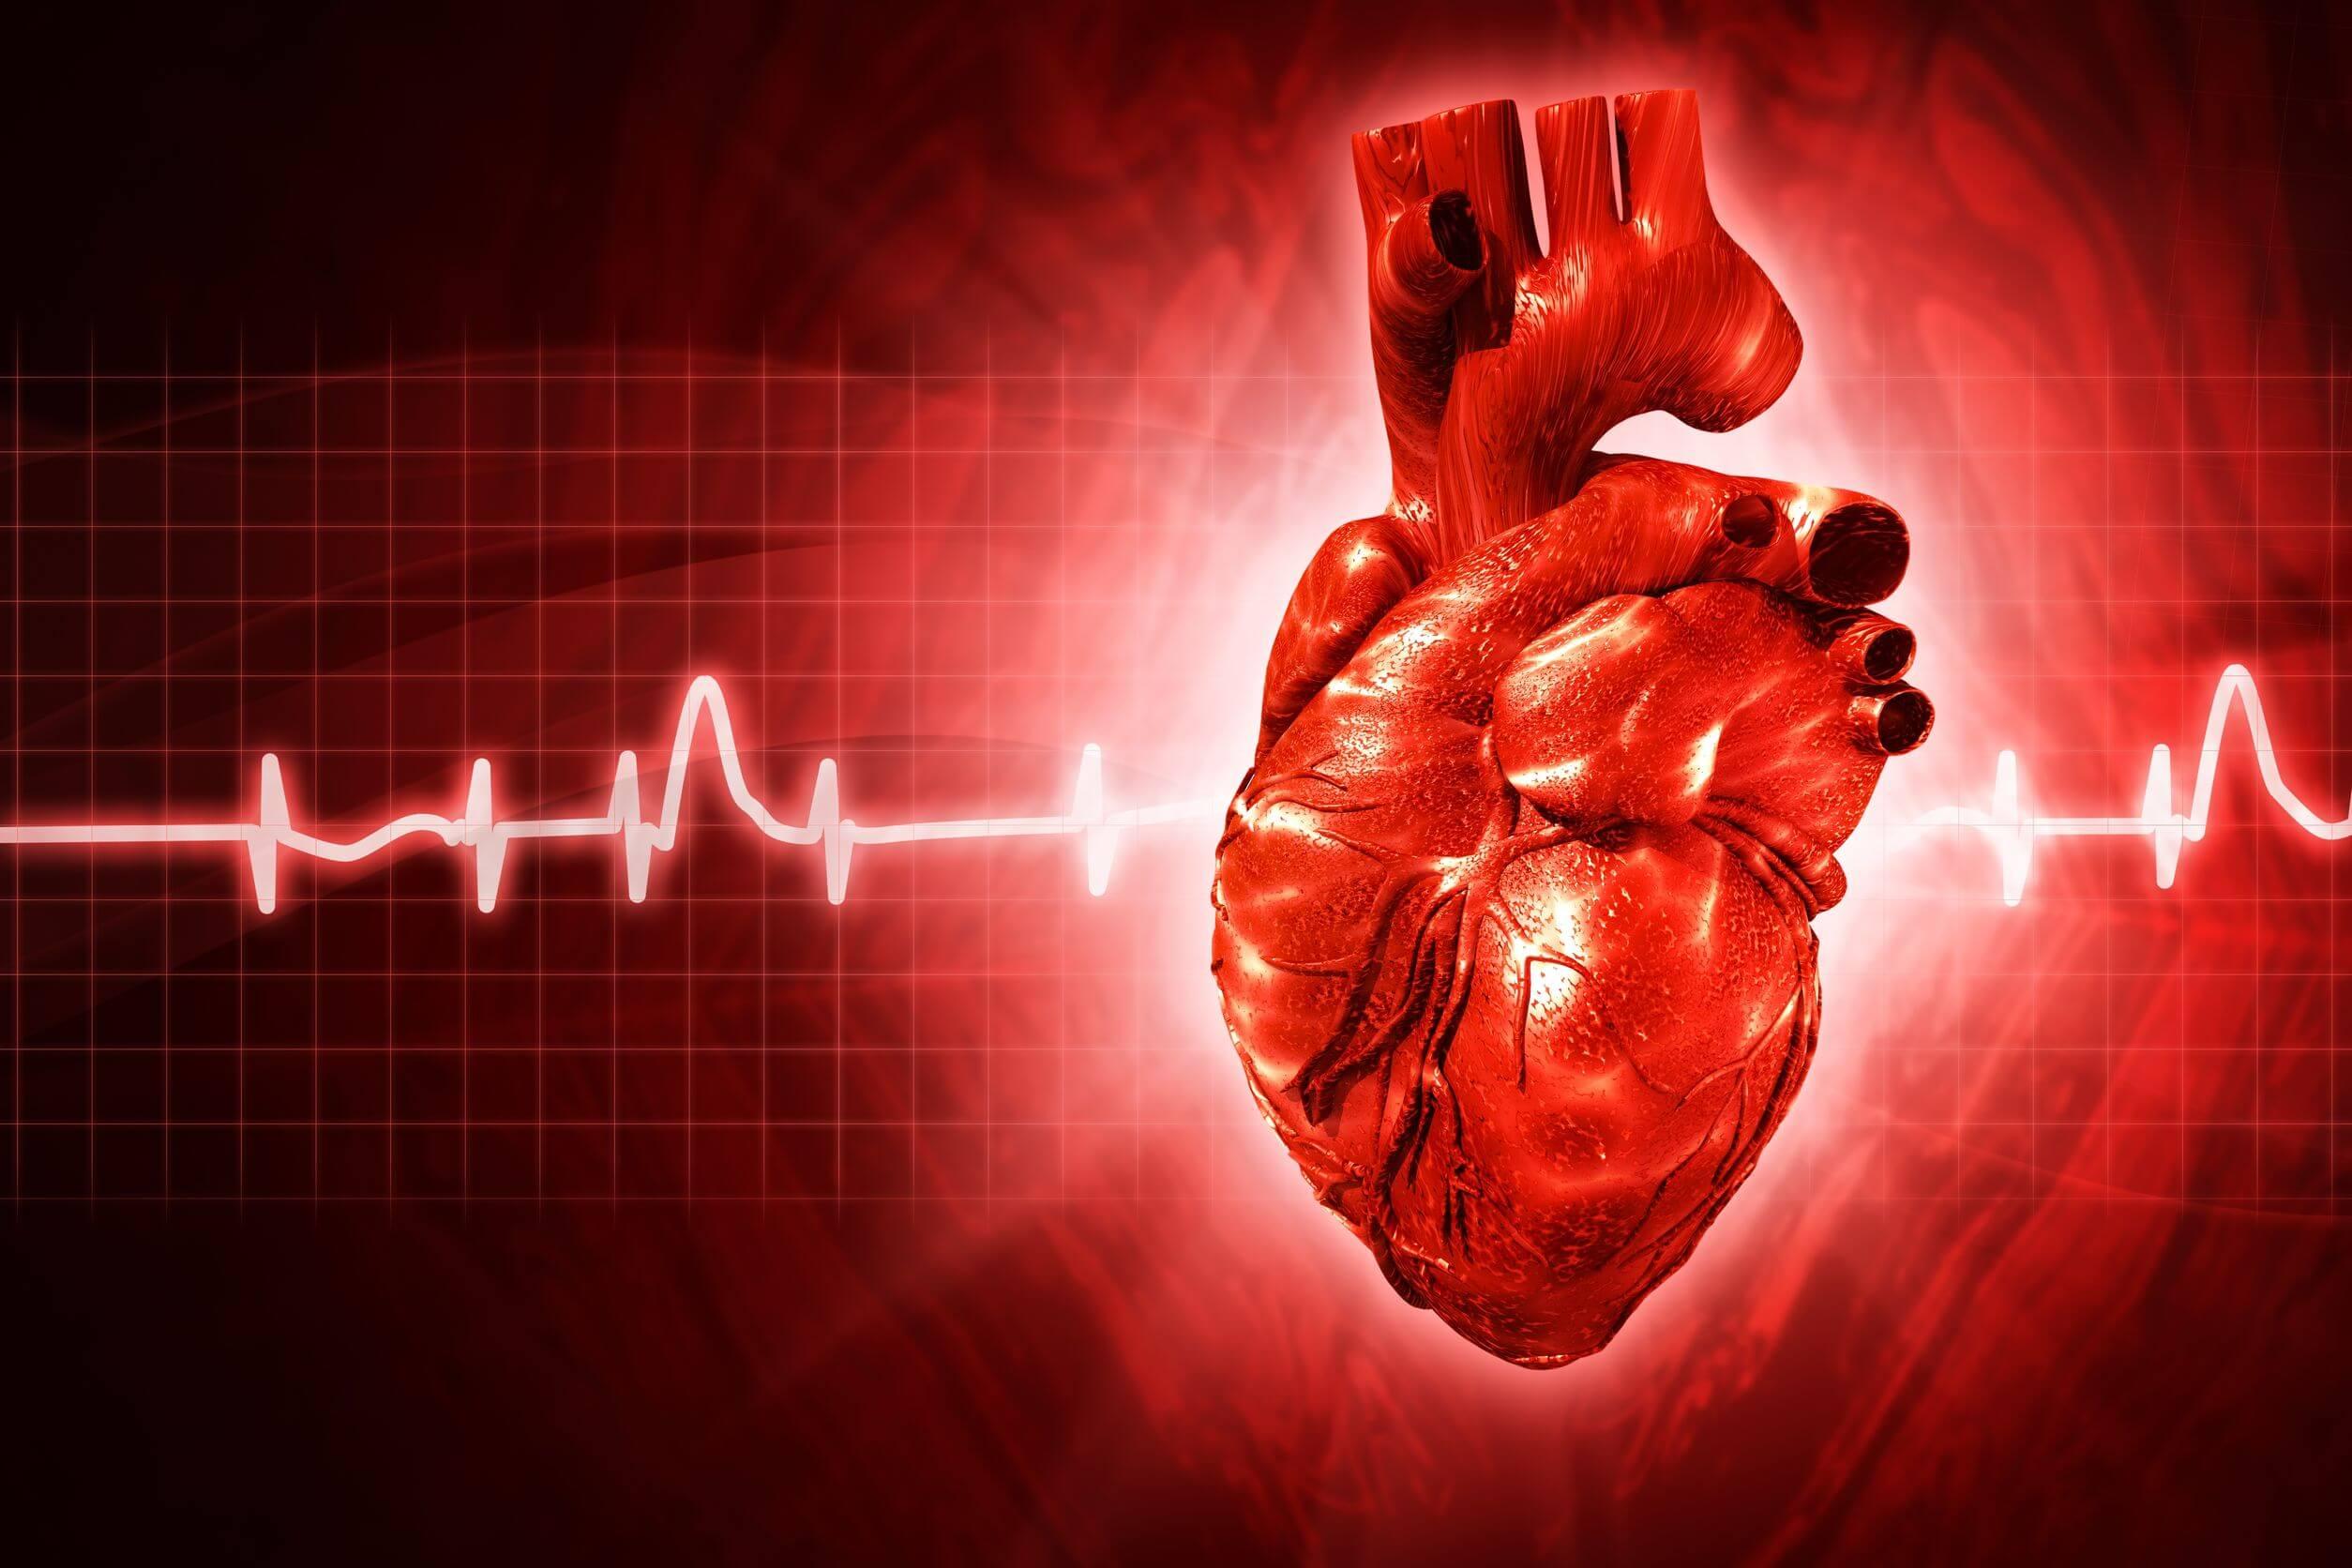 ¿Qué son las arritmias cardíacas y cómo detectarlas?